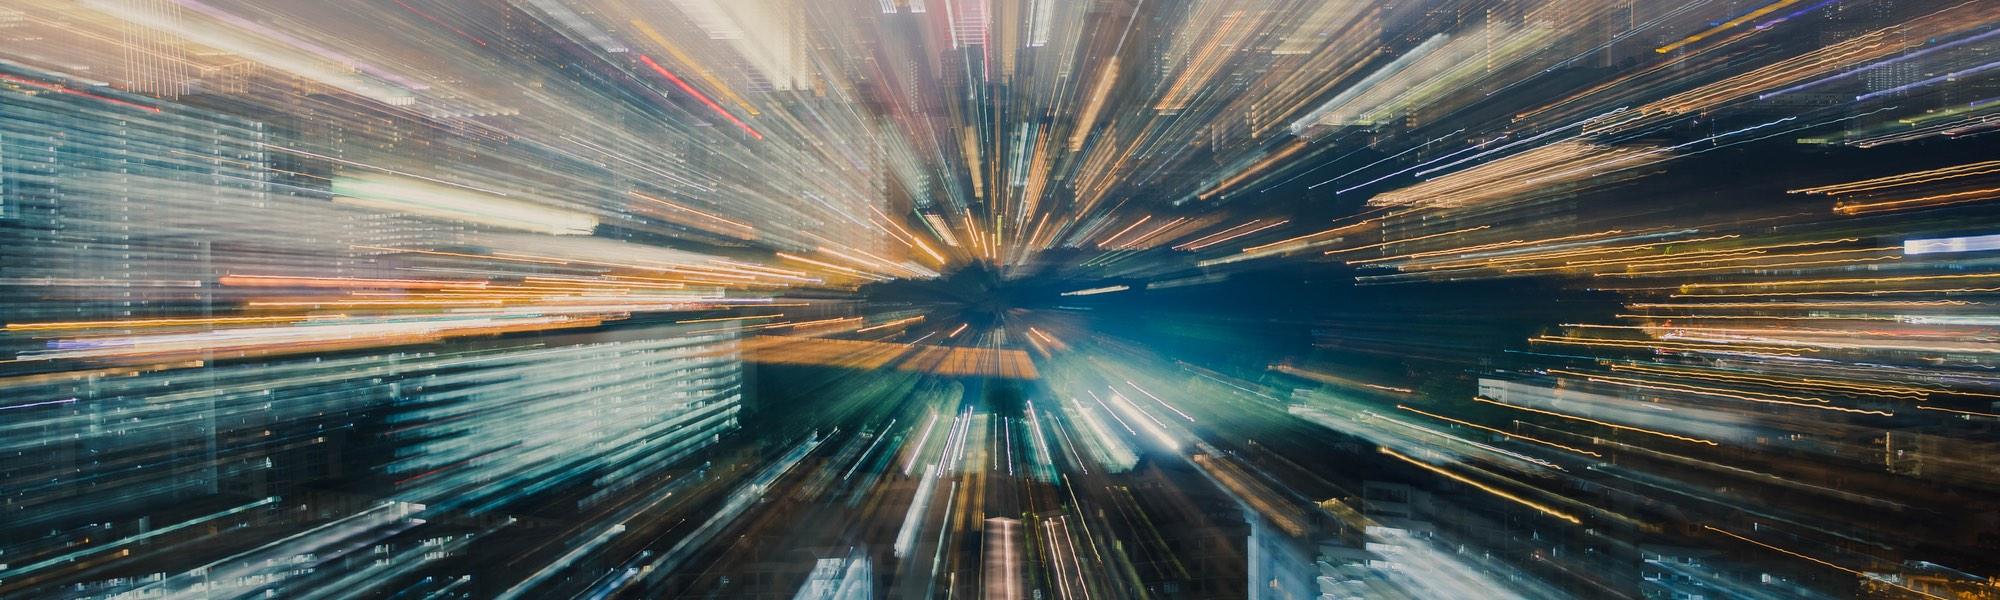 5 Key Takeaways From Mary Meeker's Internet Trend Report 2019